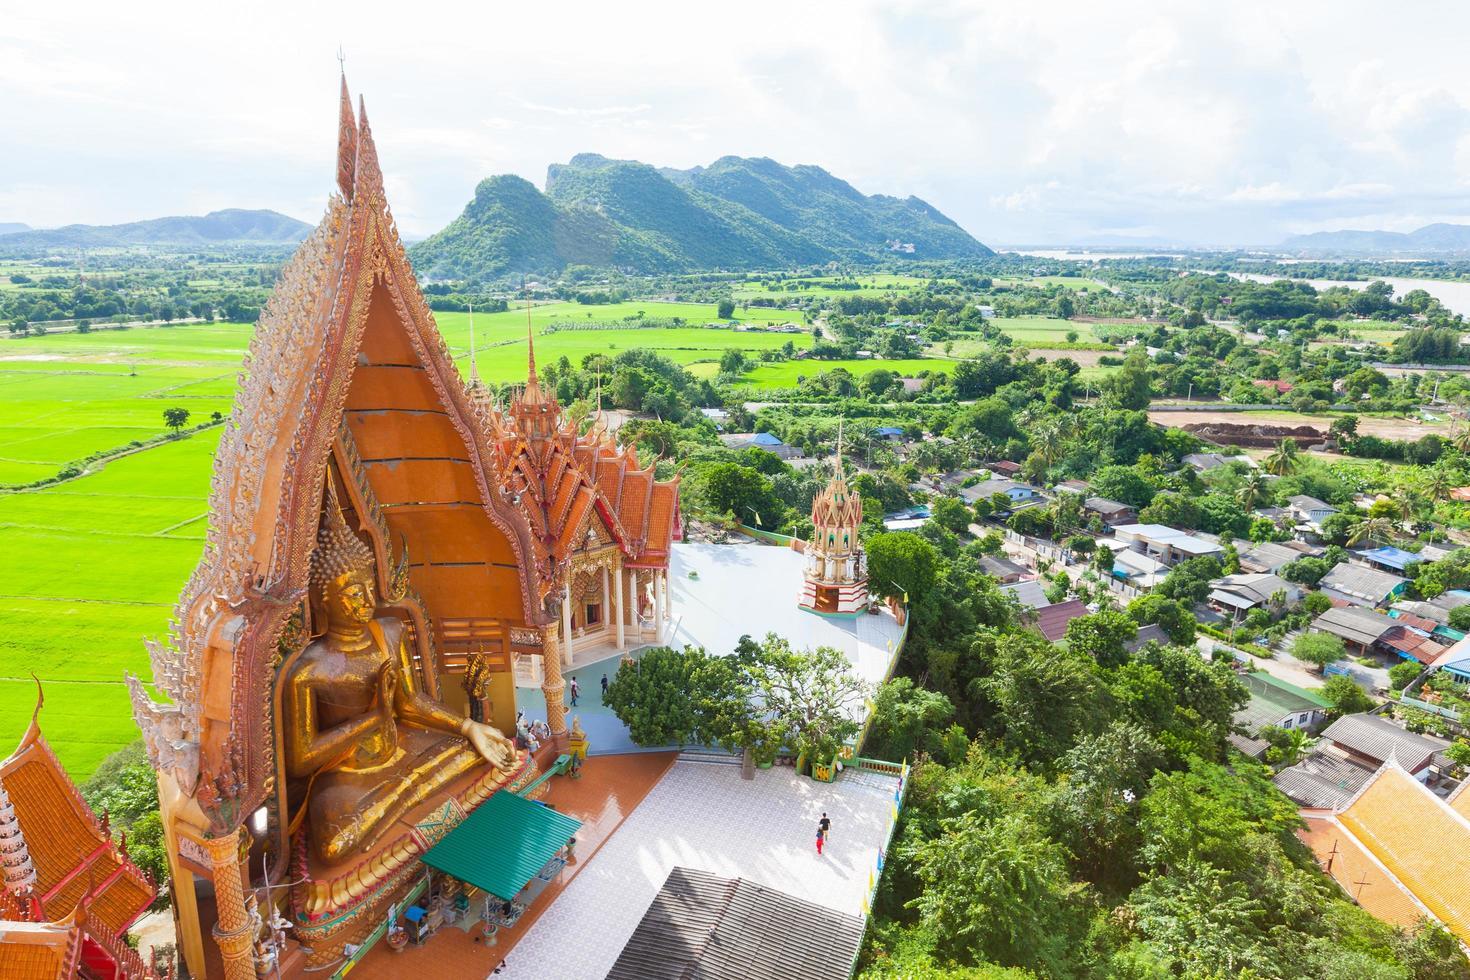 templo de la cueva del tigre en tailandia foto